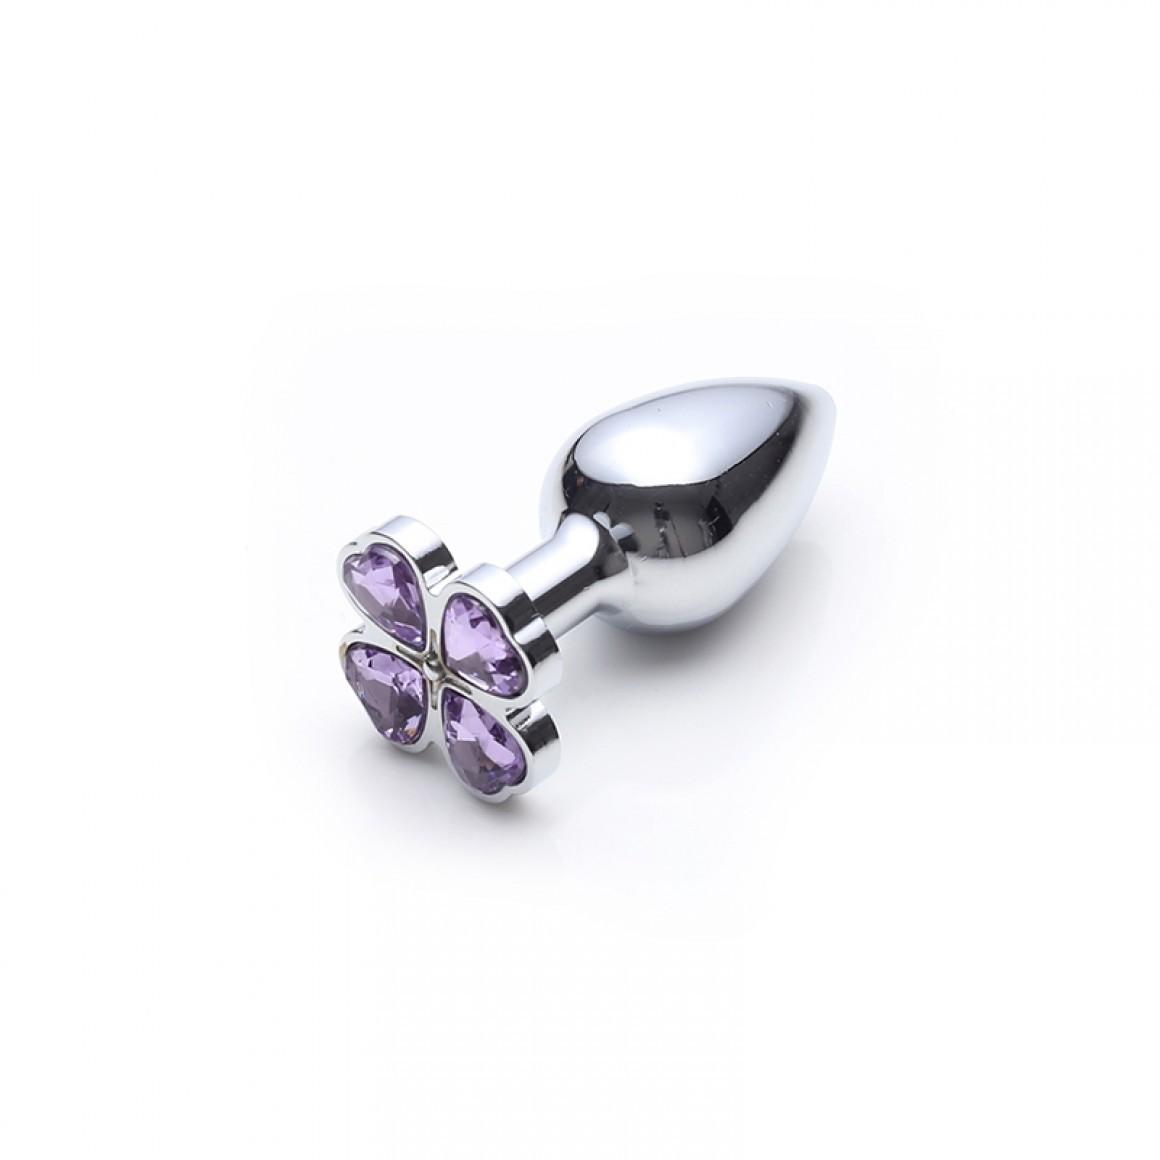 Lust Metal - Plug Flower Diamond Silver